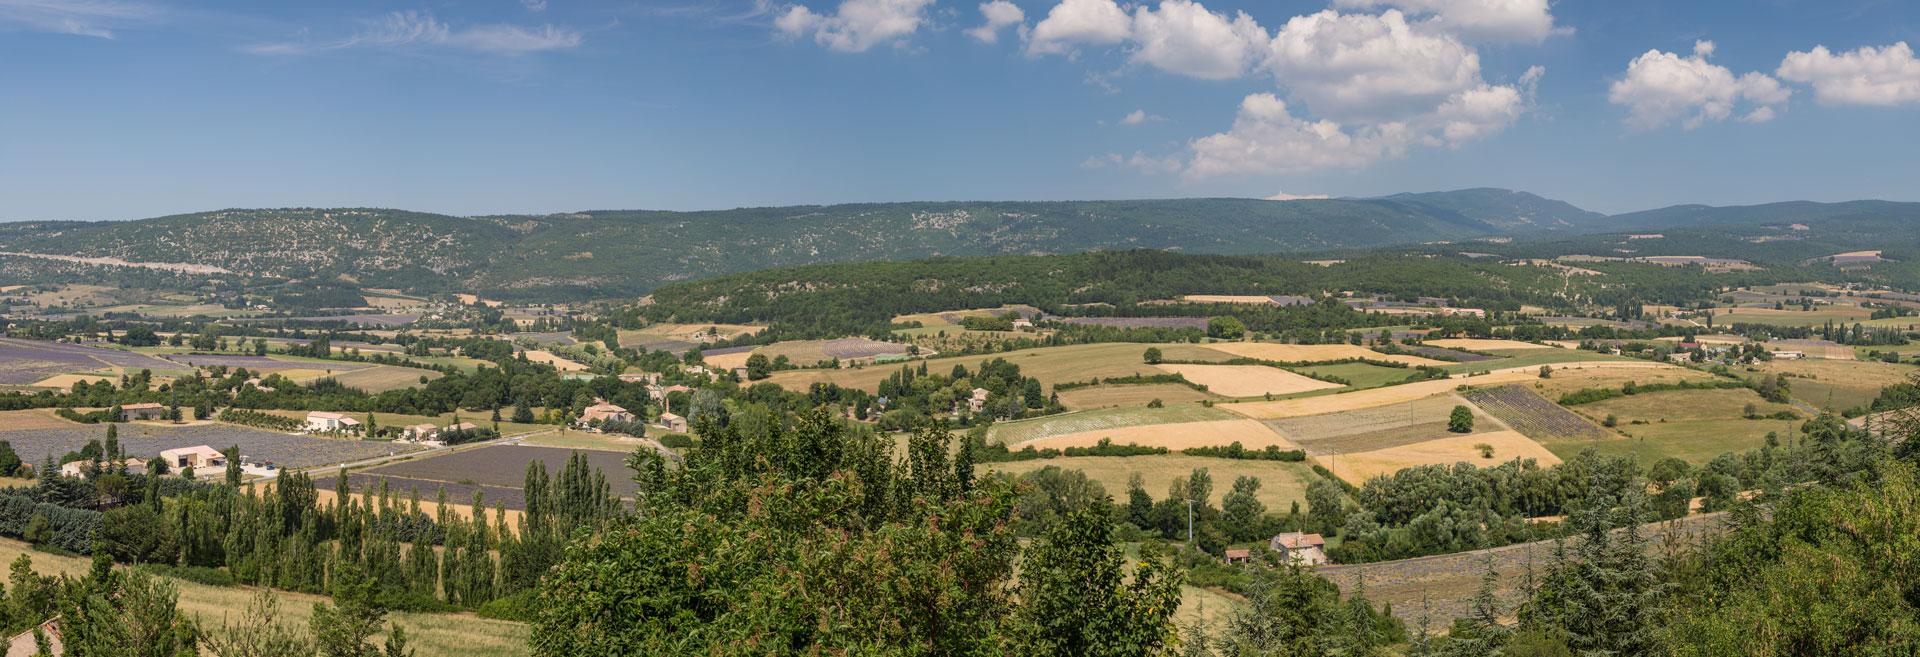 panorama de la campagne vue du village perché de Simiane La Rotonde en Haute Provence